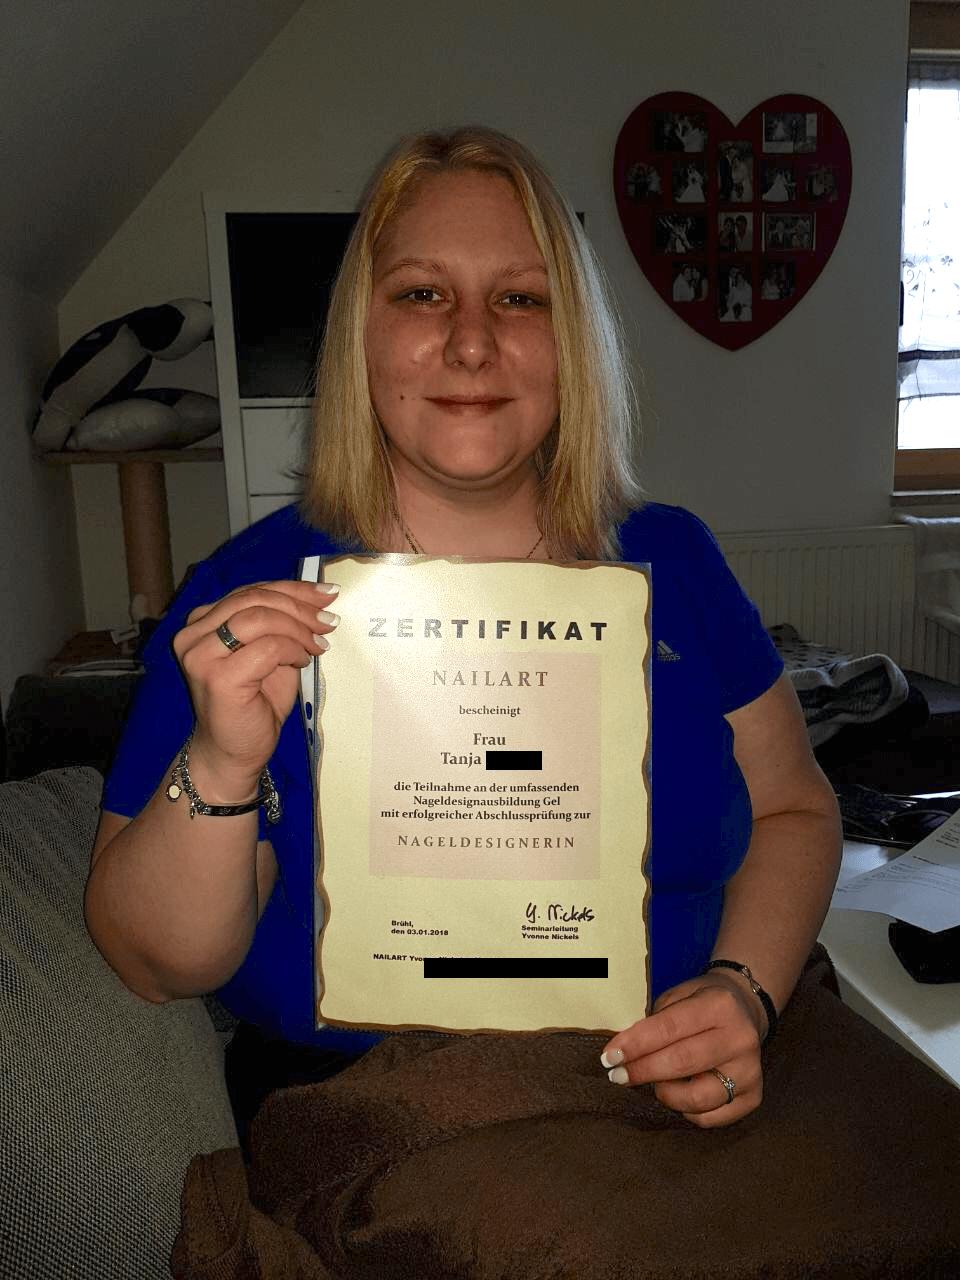 Nageldesign Online Ausbildung Kundenstimme Tanja